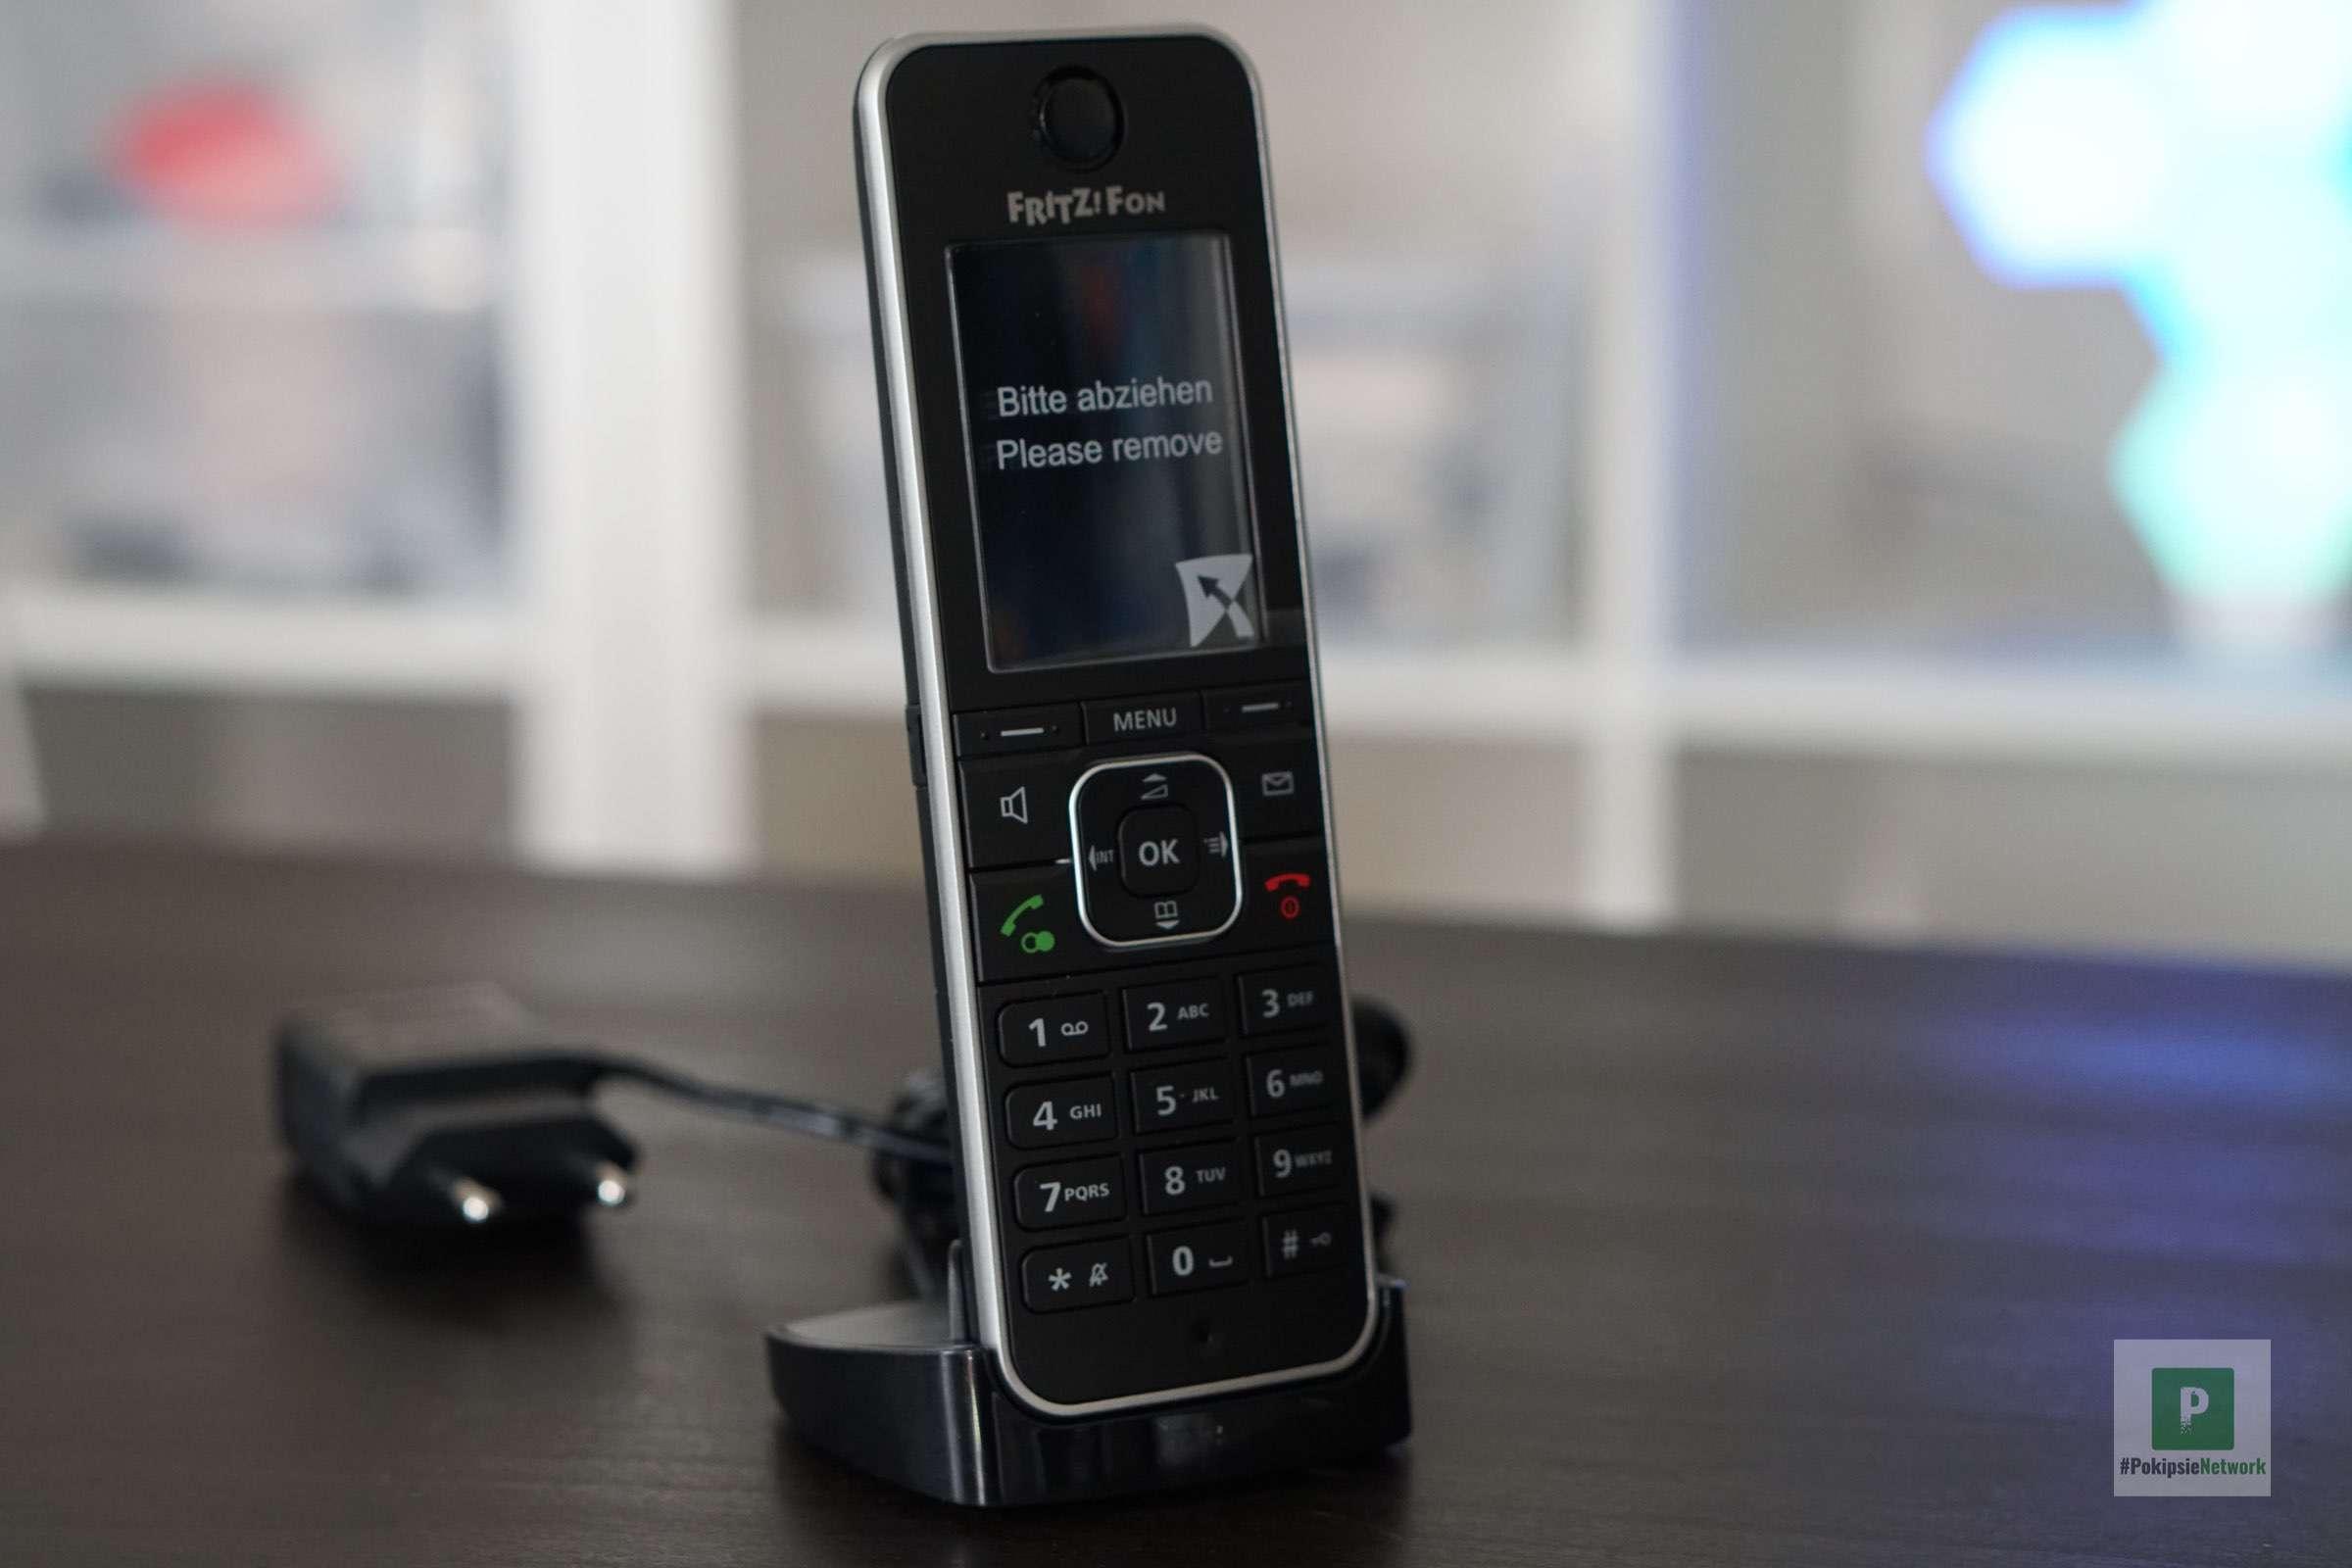 Die Vorderseite des Telefons